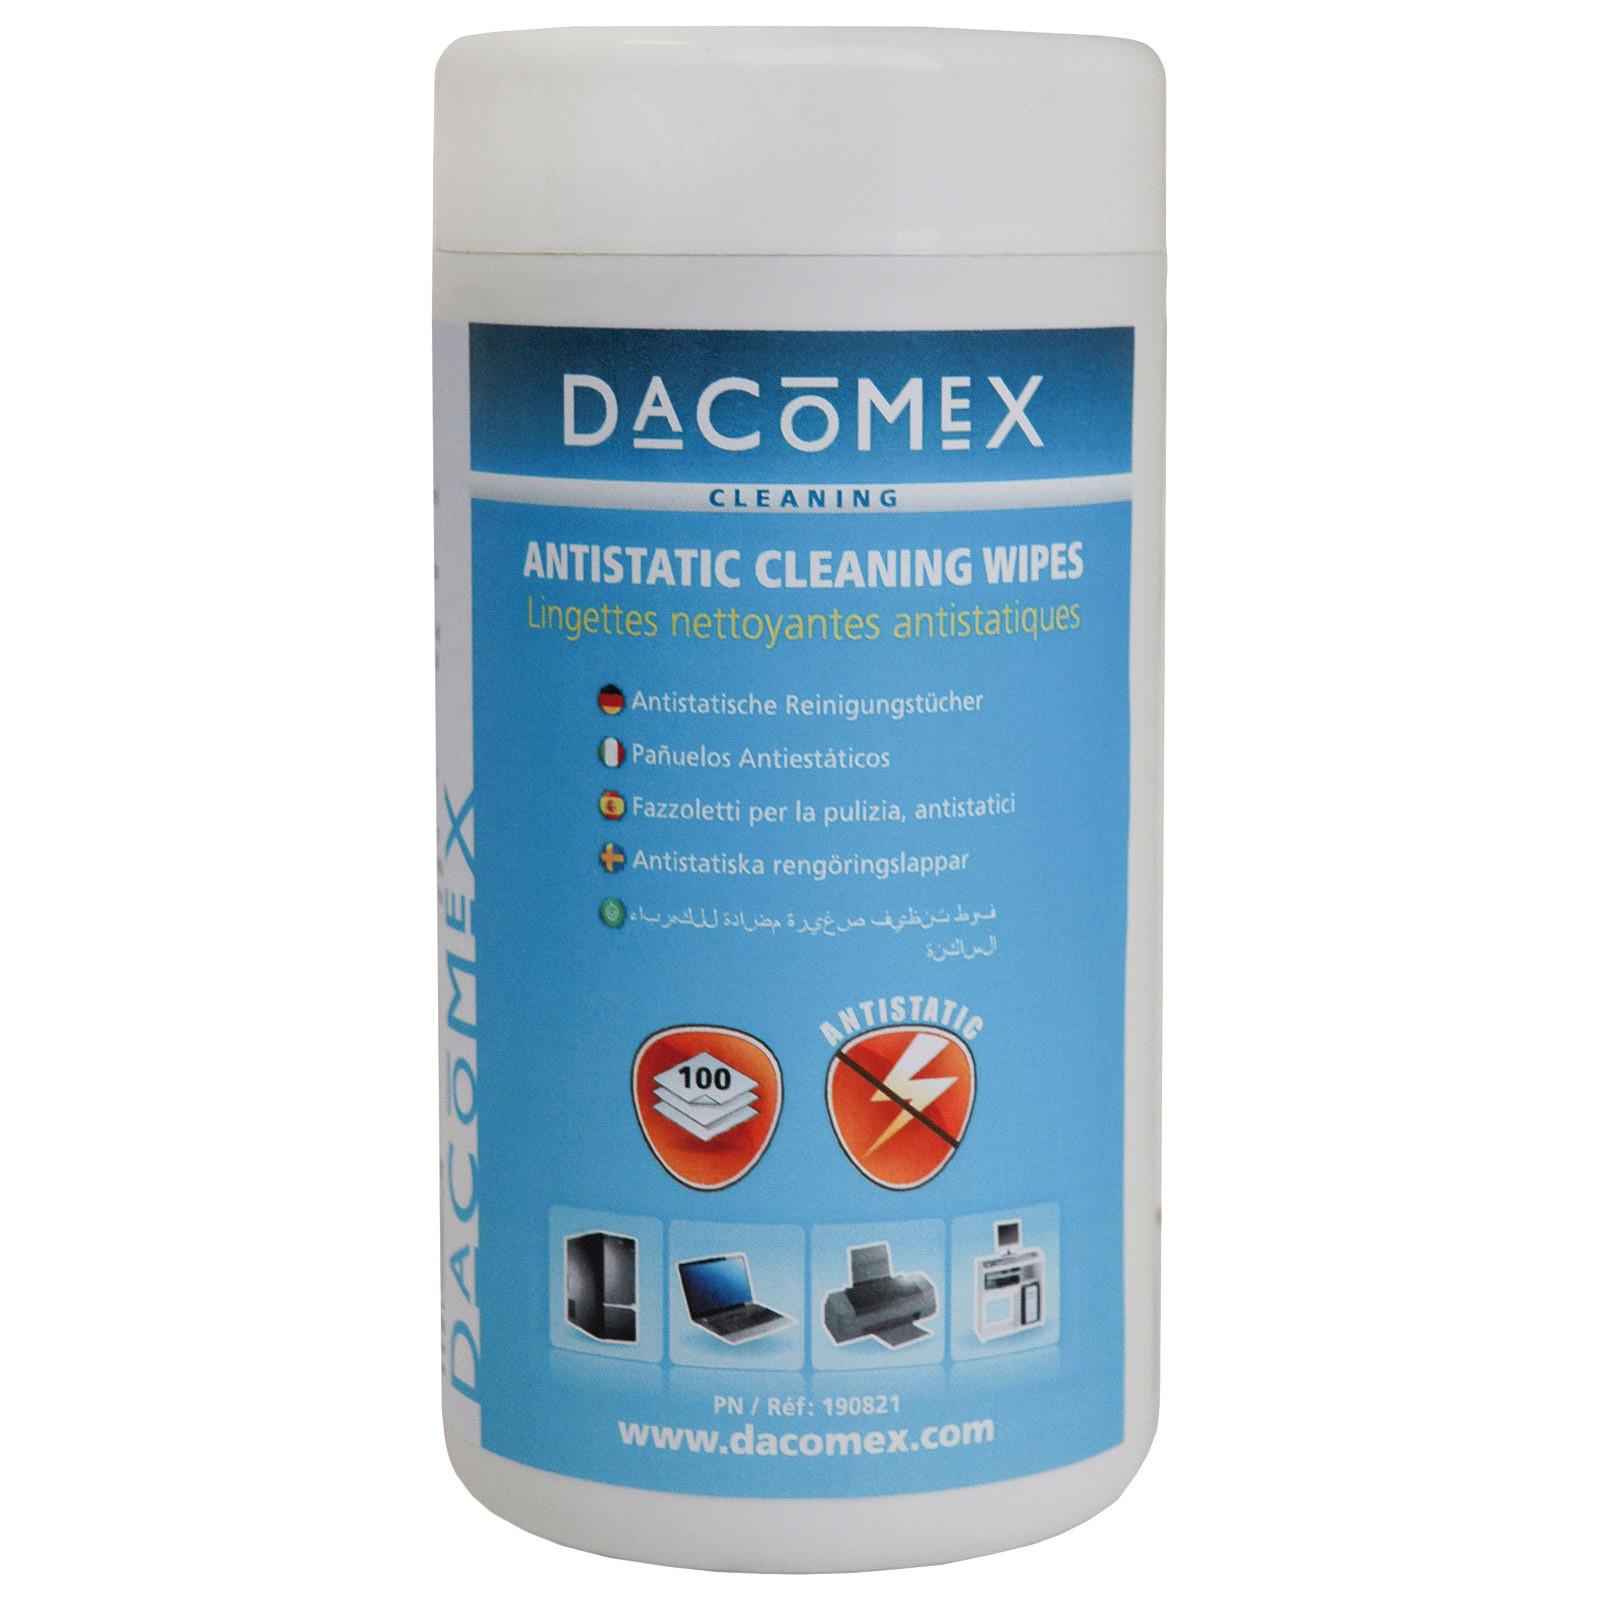 Dacomex lingettes nettoyantes (par 100)